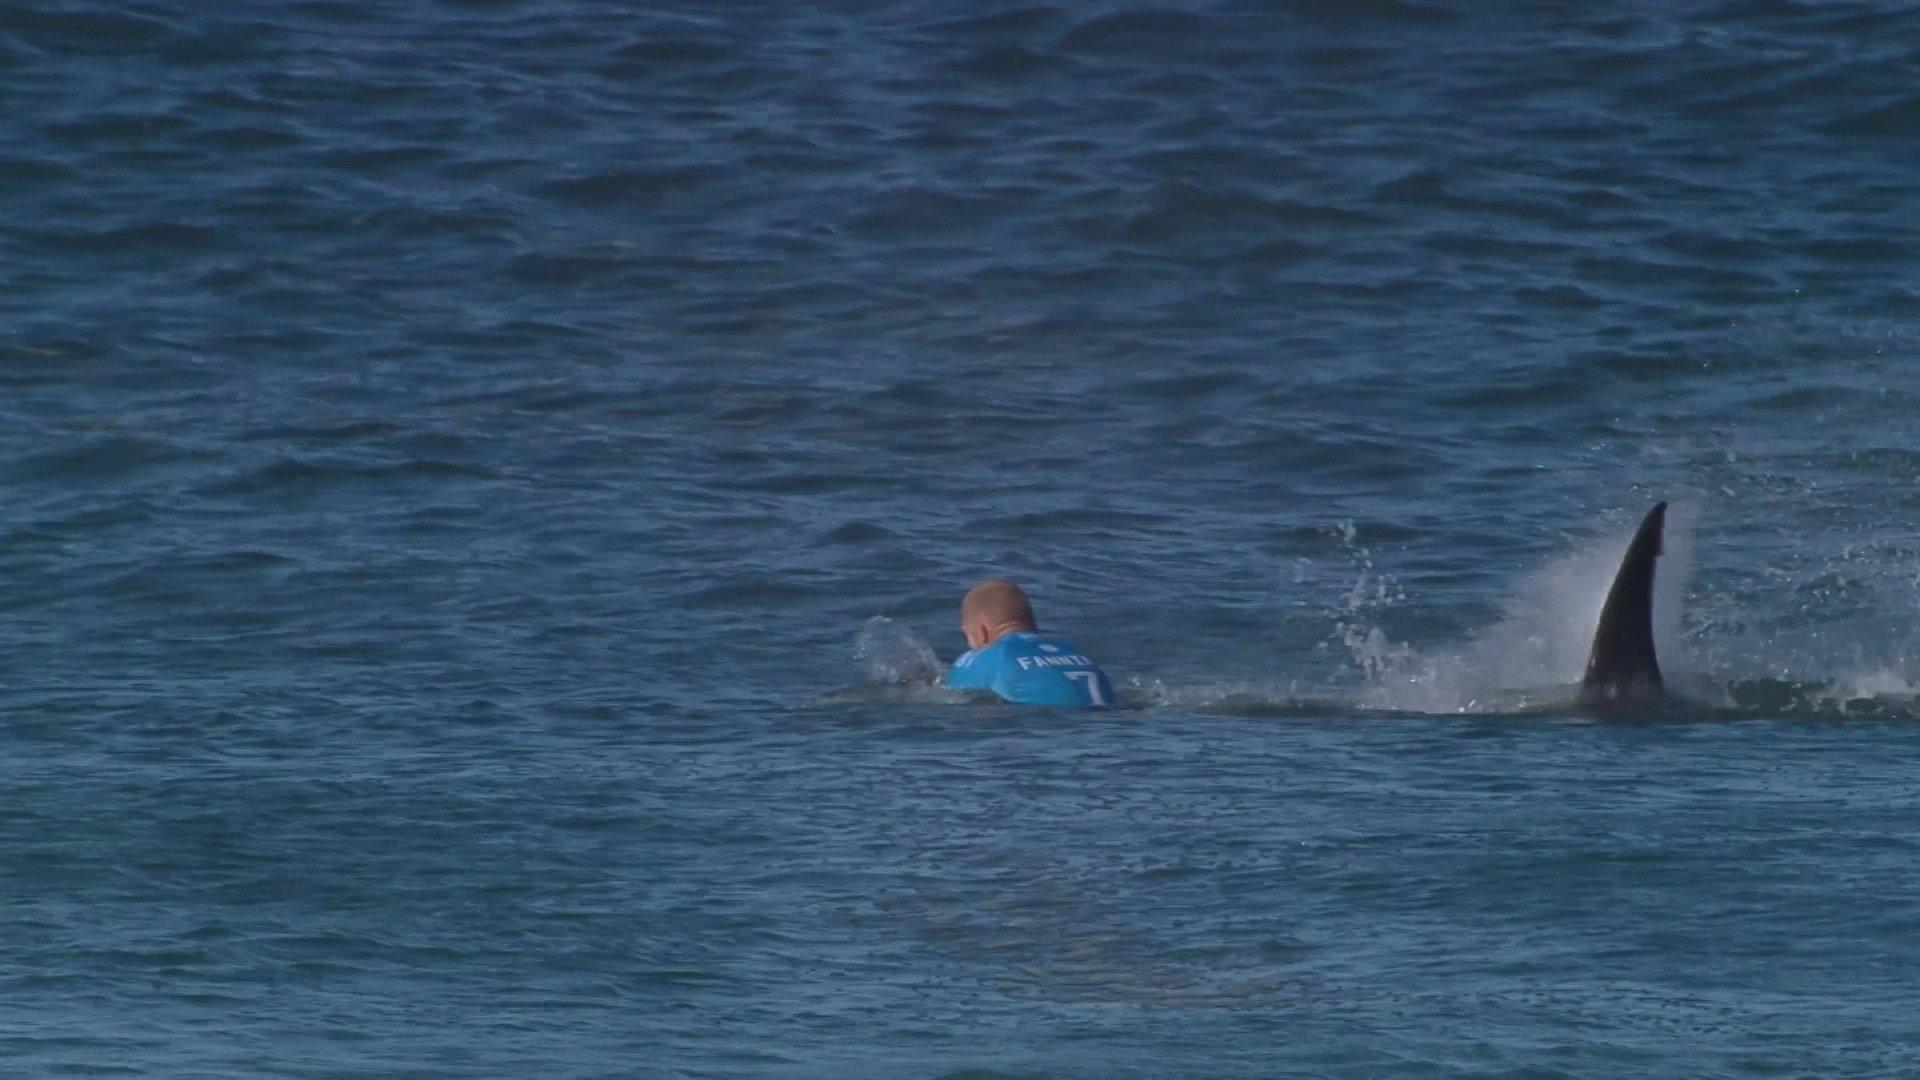 Mick Fanning entkam letzten Juli nur ganz knapp einem Haiangriff in J-Bay.